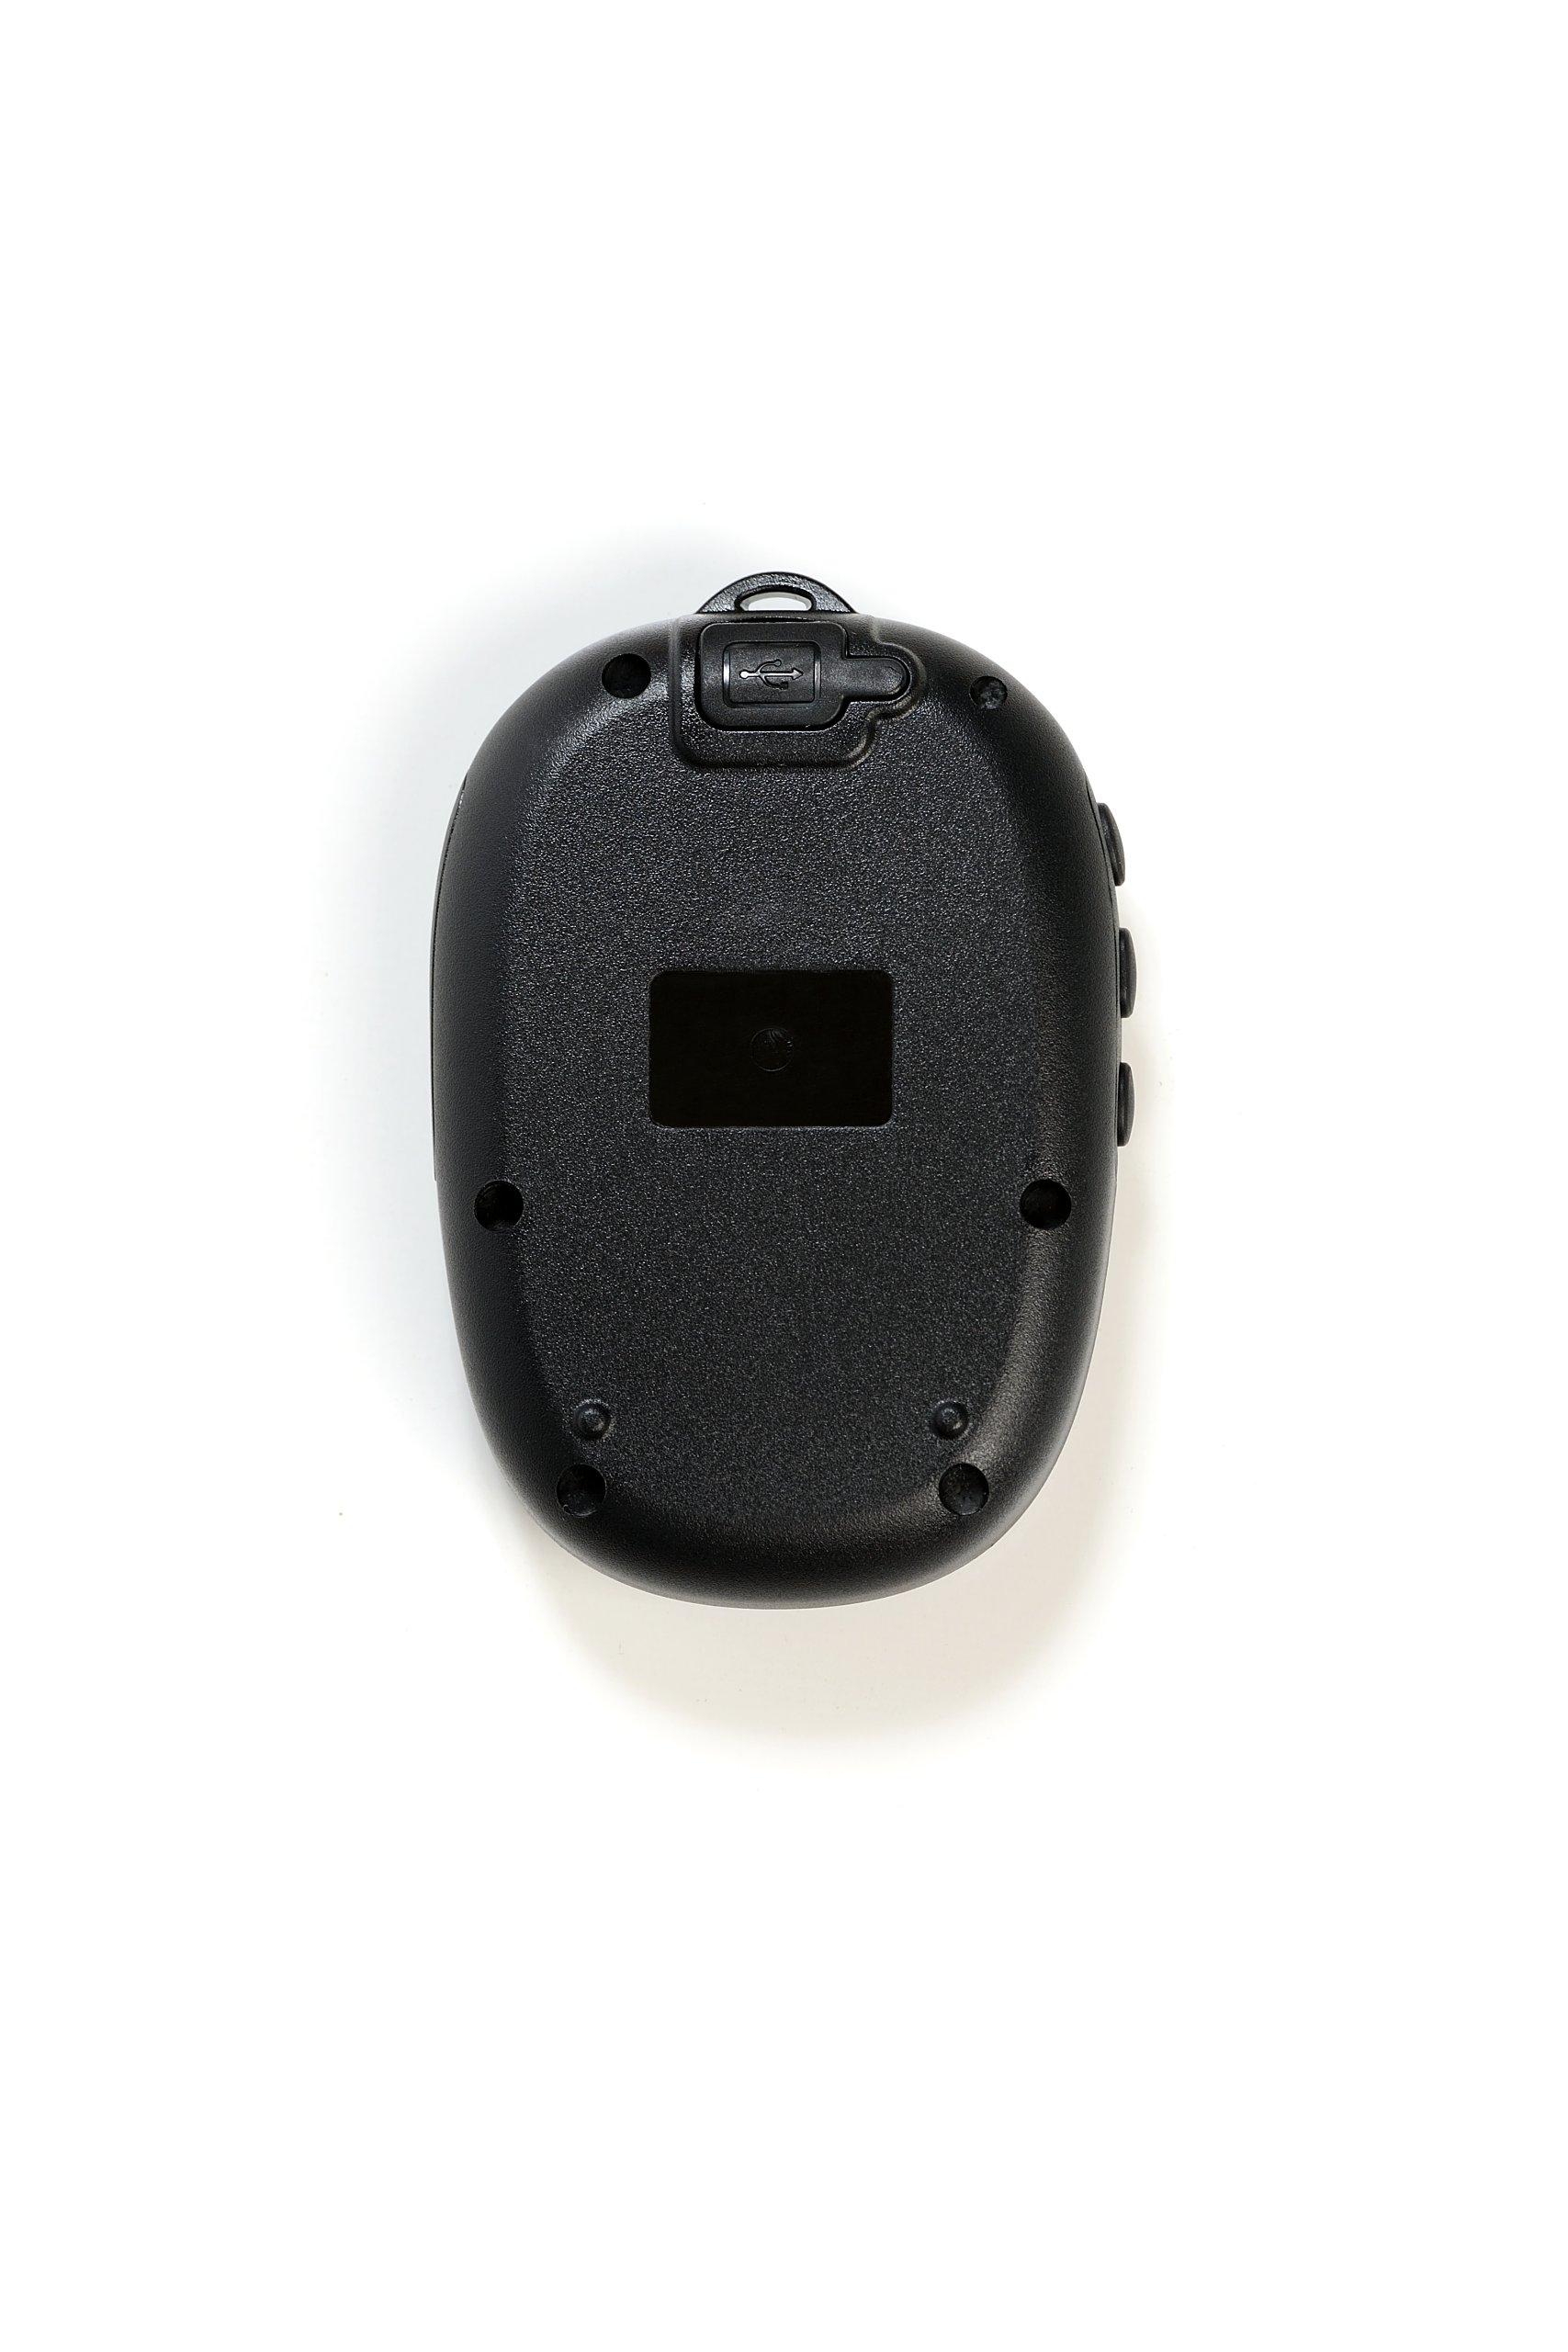 Bad Elf 2200 GPS Pro (Black/silver) by Bad Elf (Image #2)